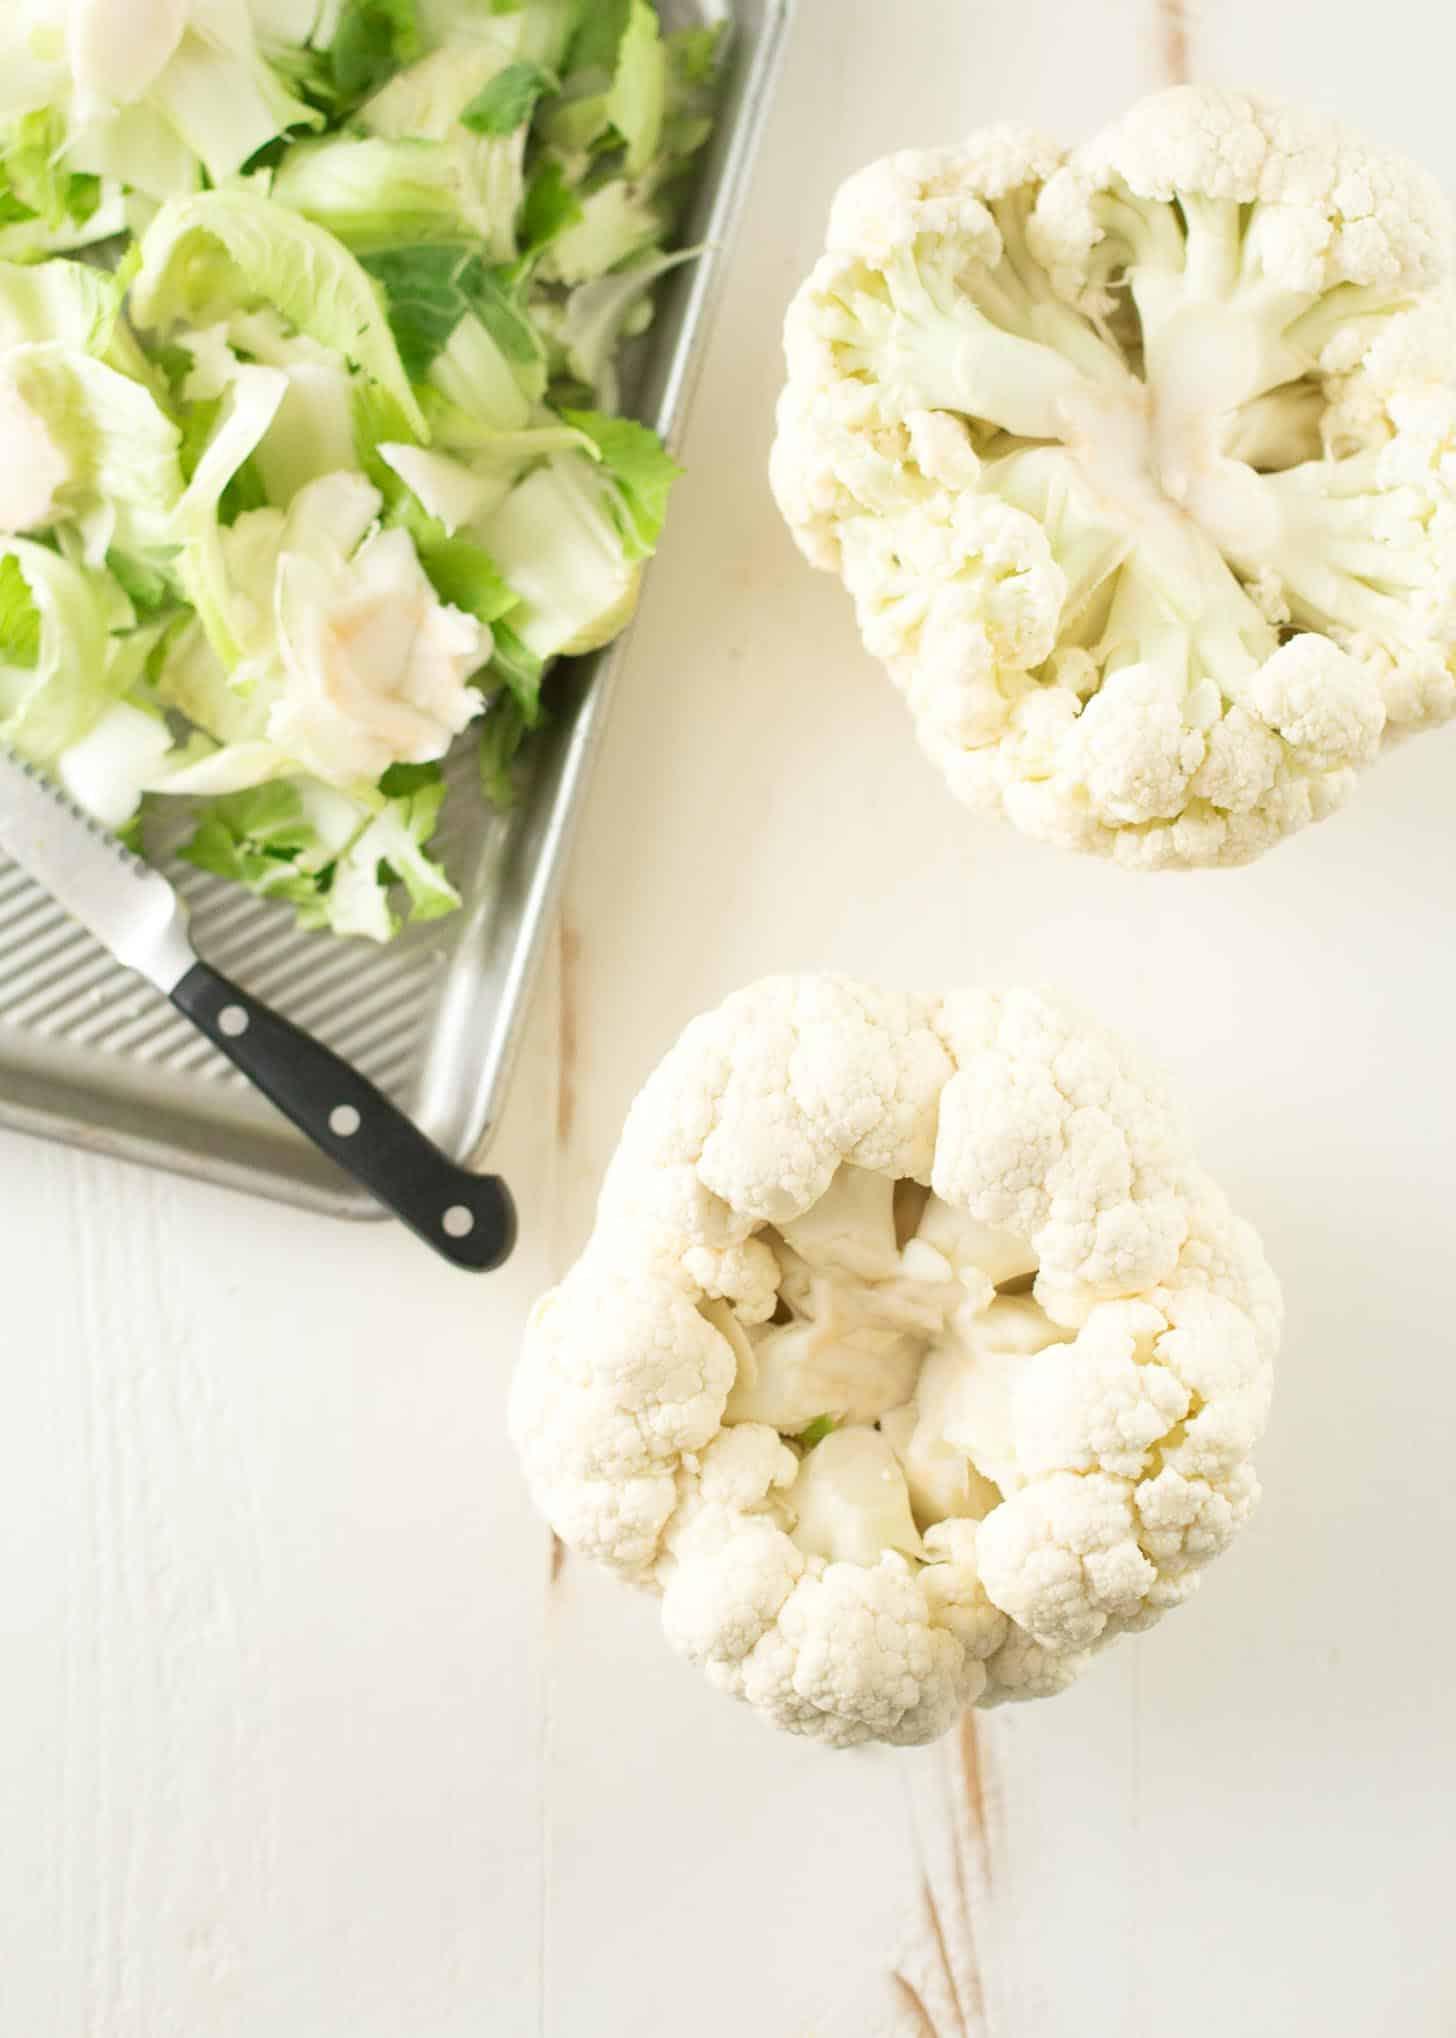 cutting raw cauliflower